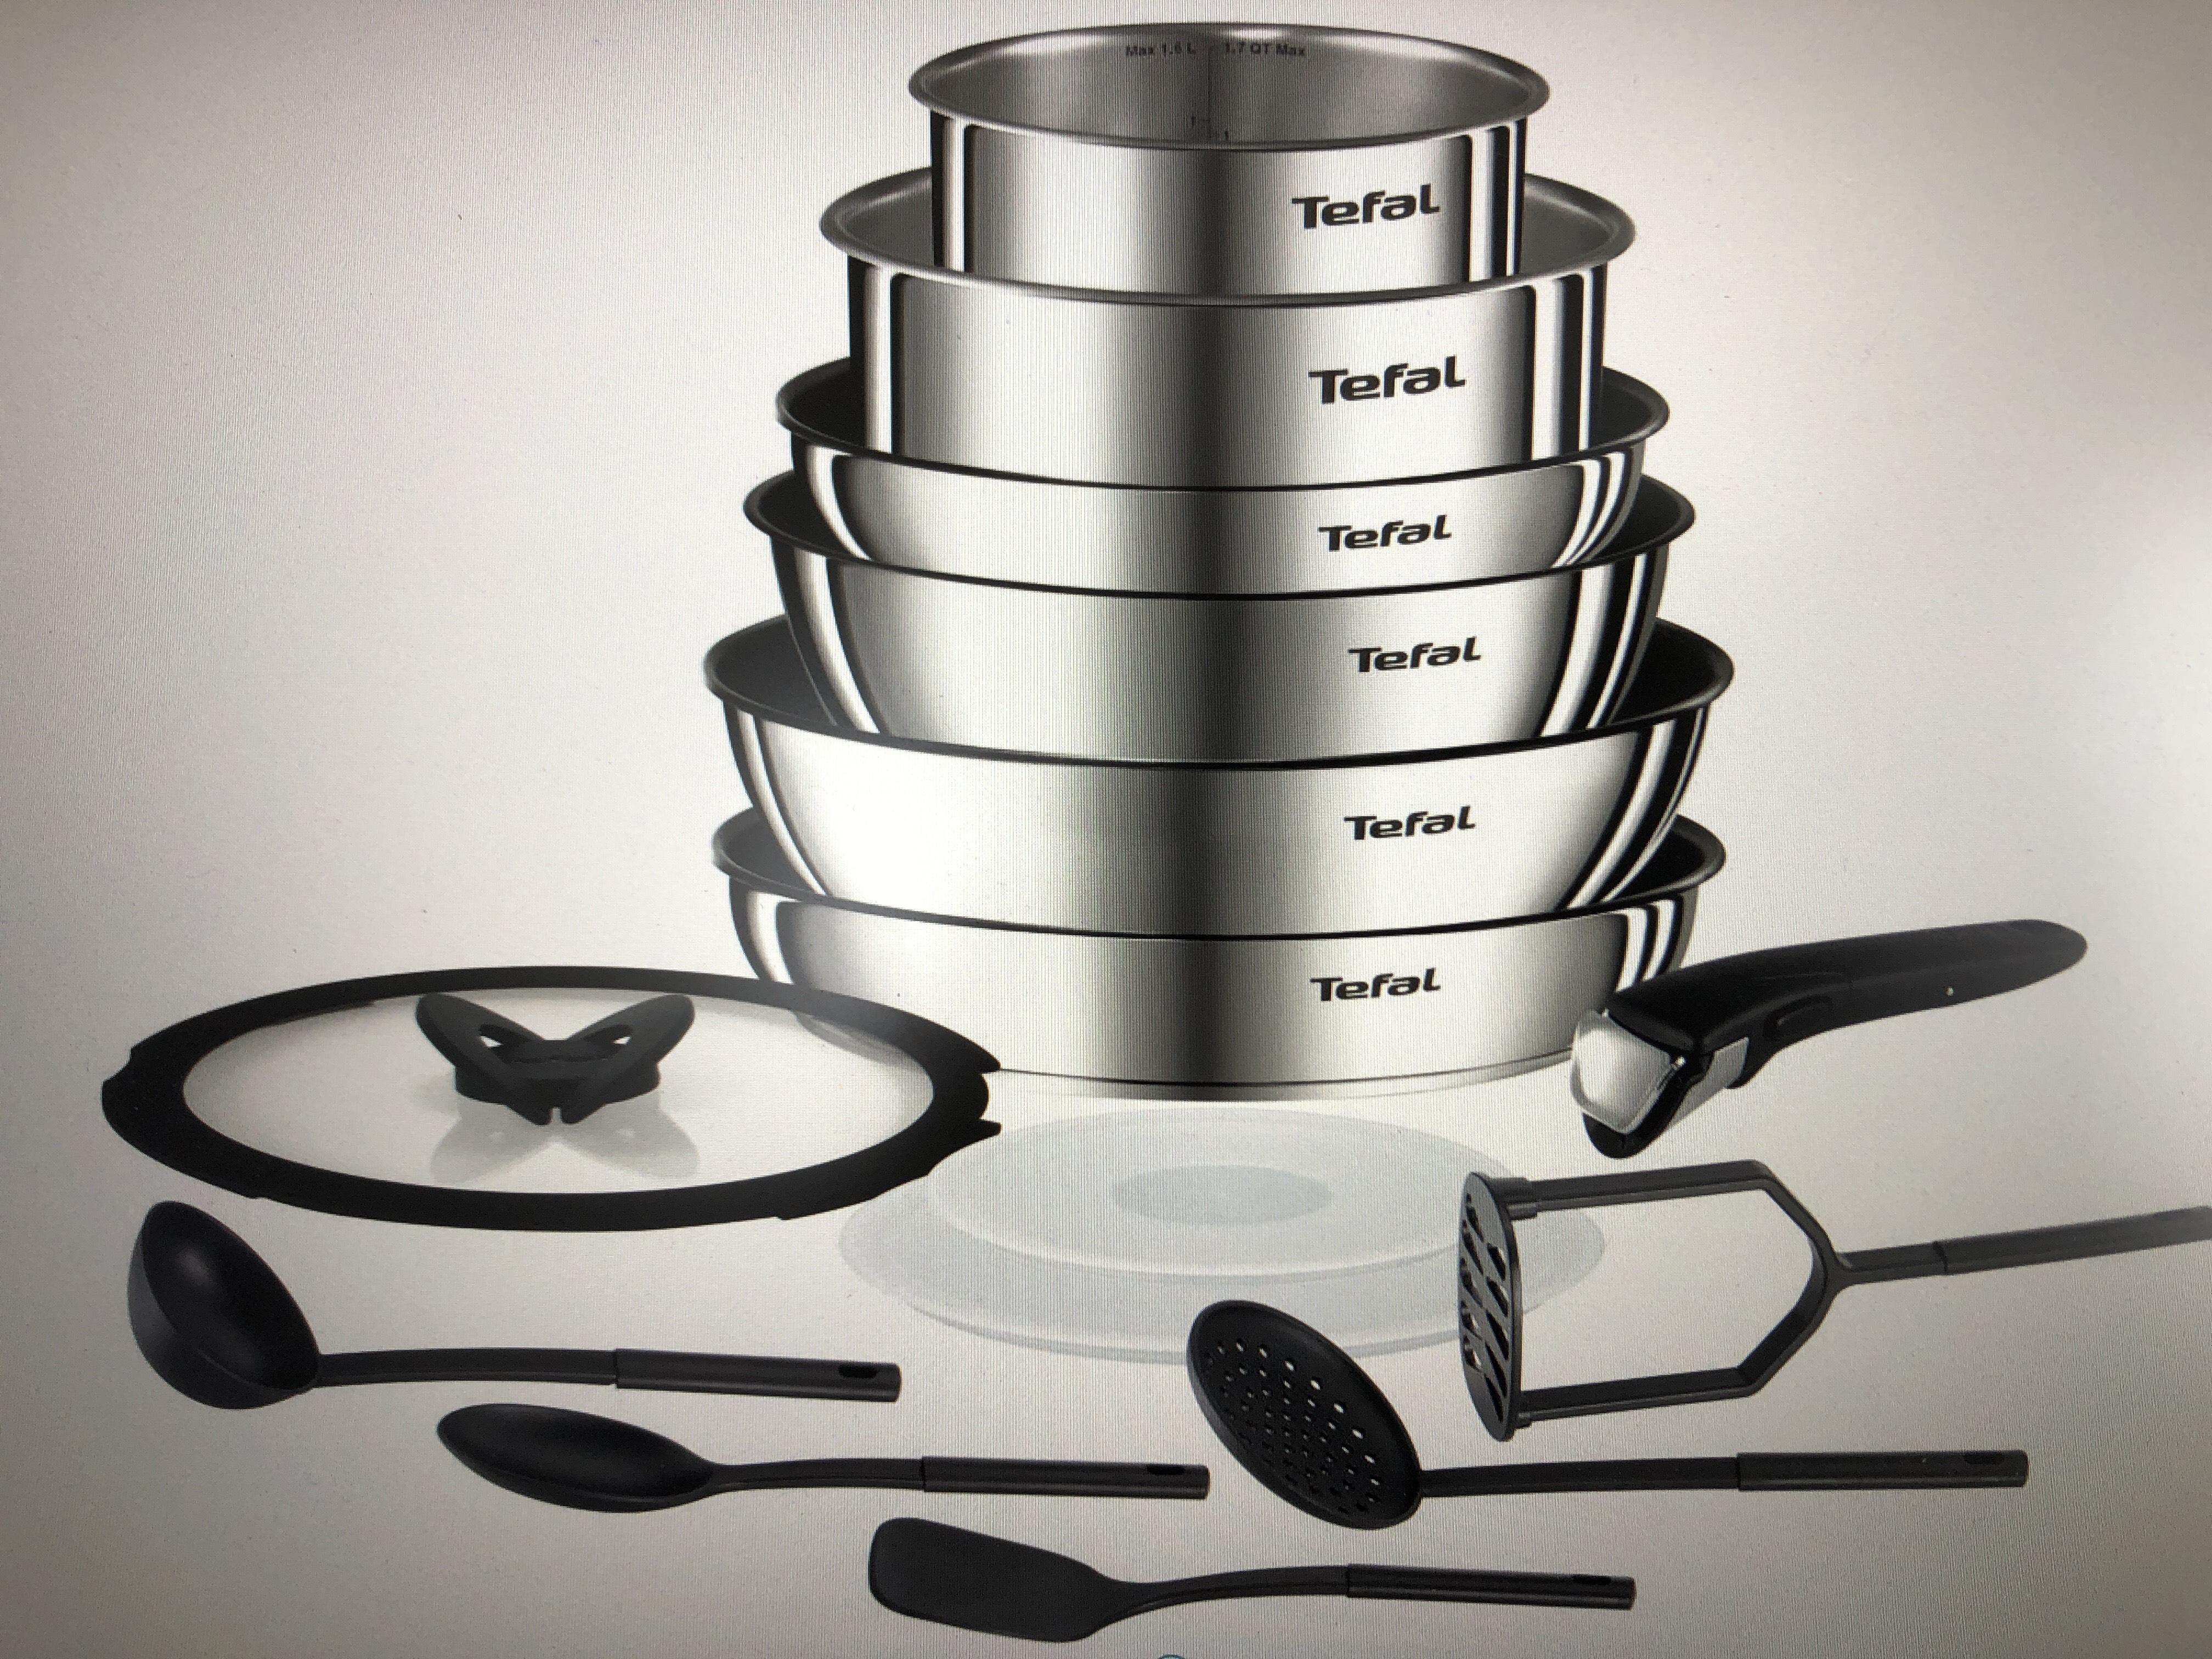 Batterie de cuisine Tefal 15 pièces (L925SF14) - Tous feux dont induction